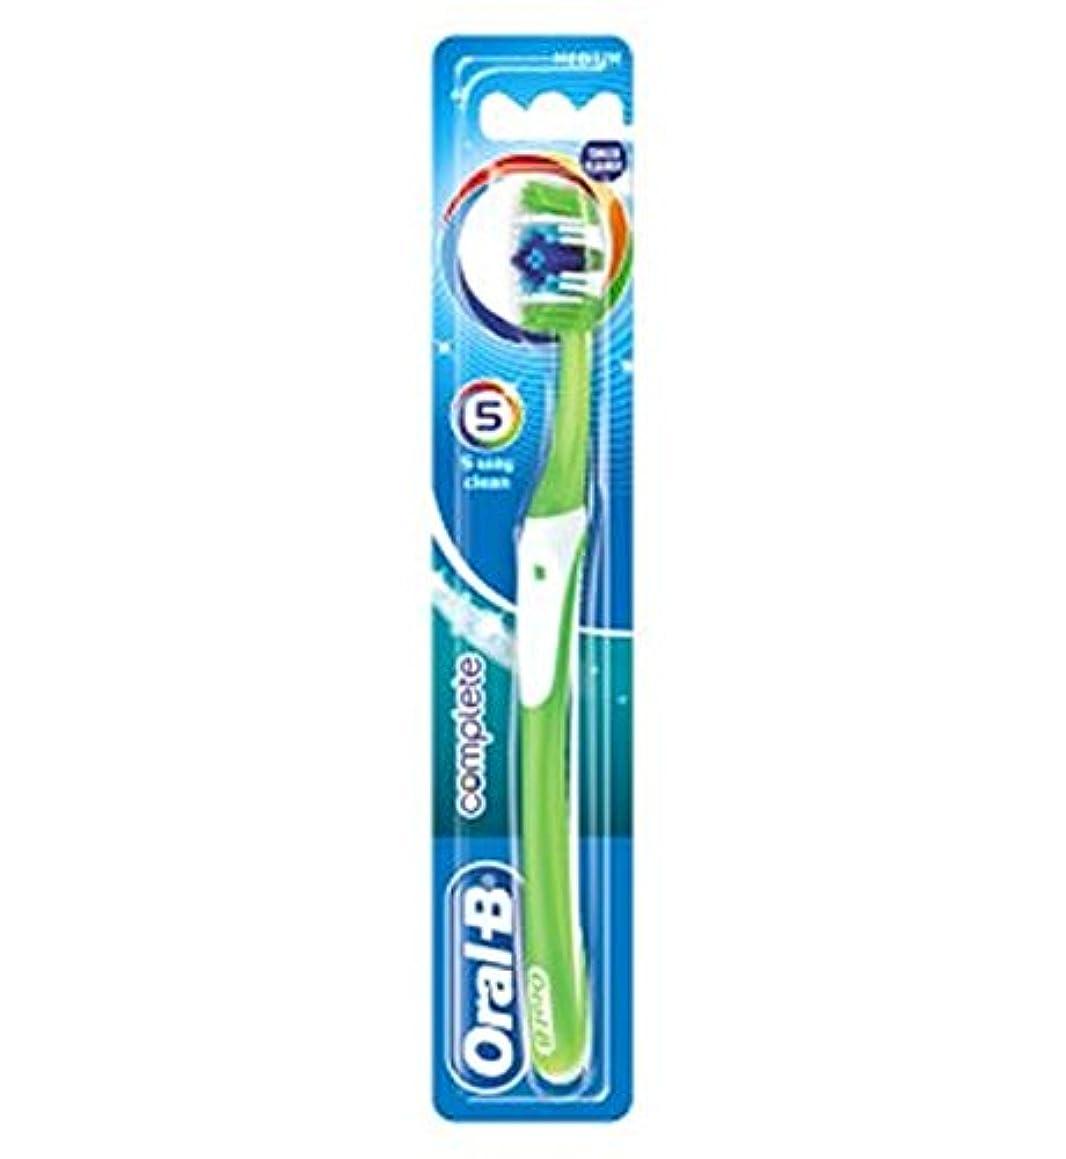 道モールス信号区別オーラルBの完全な5道クリーンなメディアの手動歯ブラシ (Oral B) (x2) - Oral-B Complete 5 Way Clean Medium Manual Toothbrush (Pack of 2) [並行輸入品]